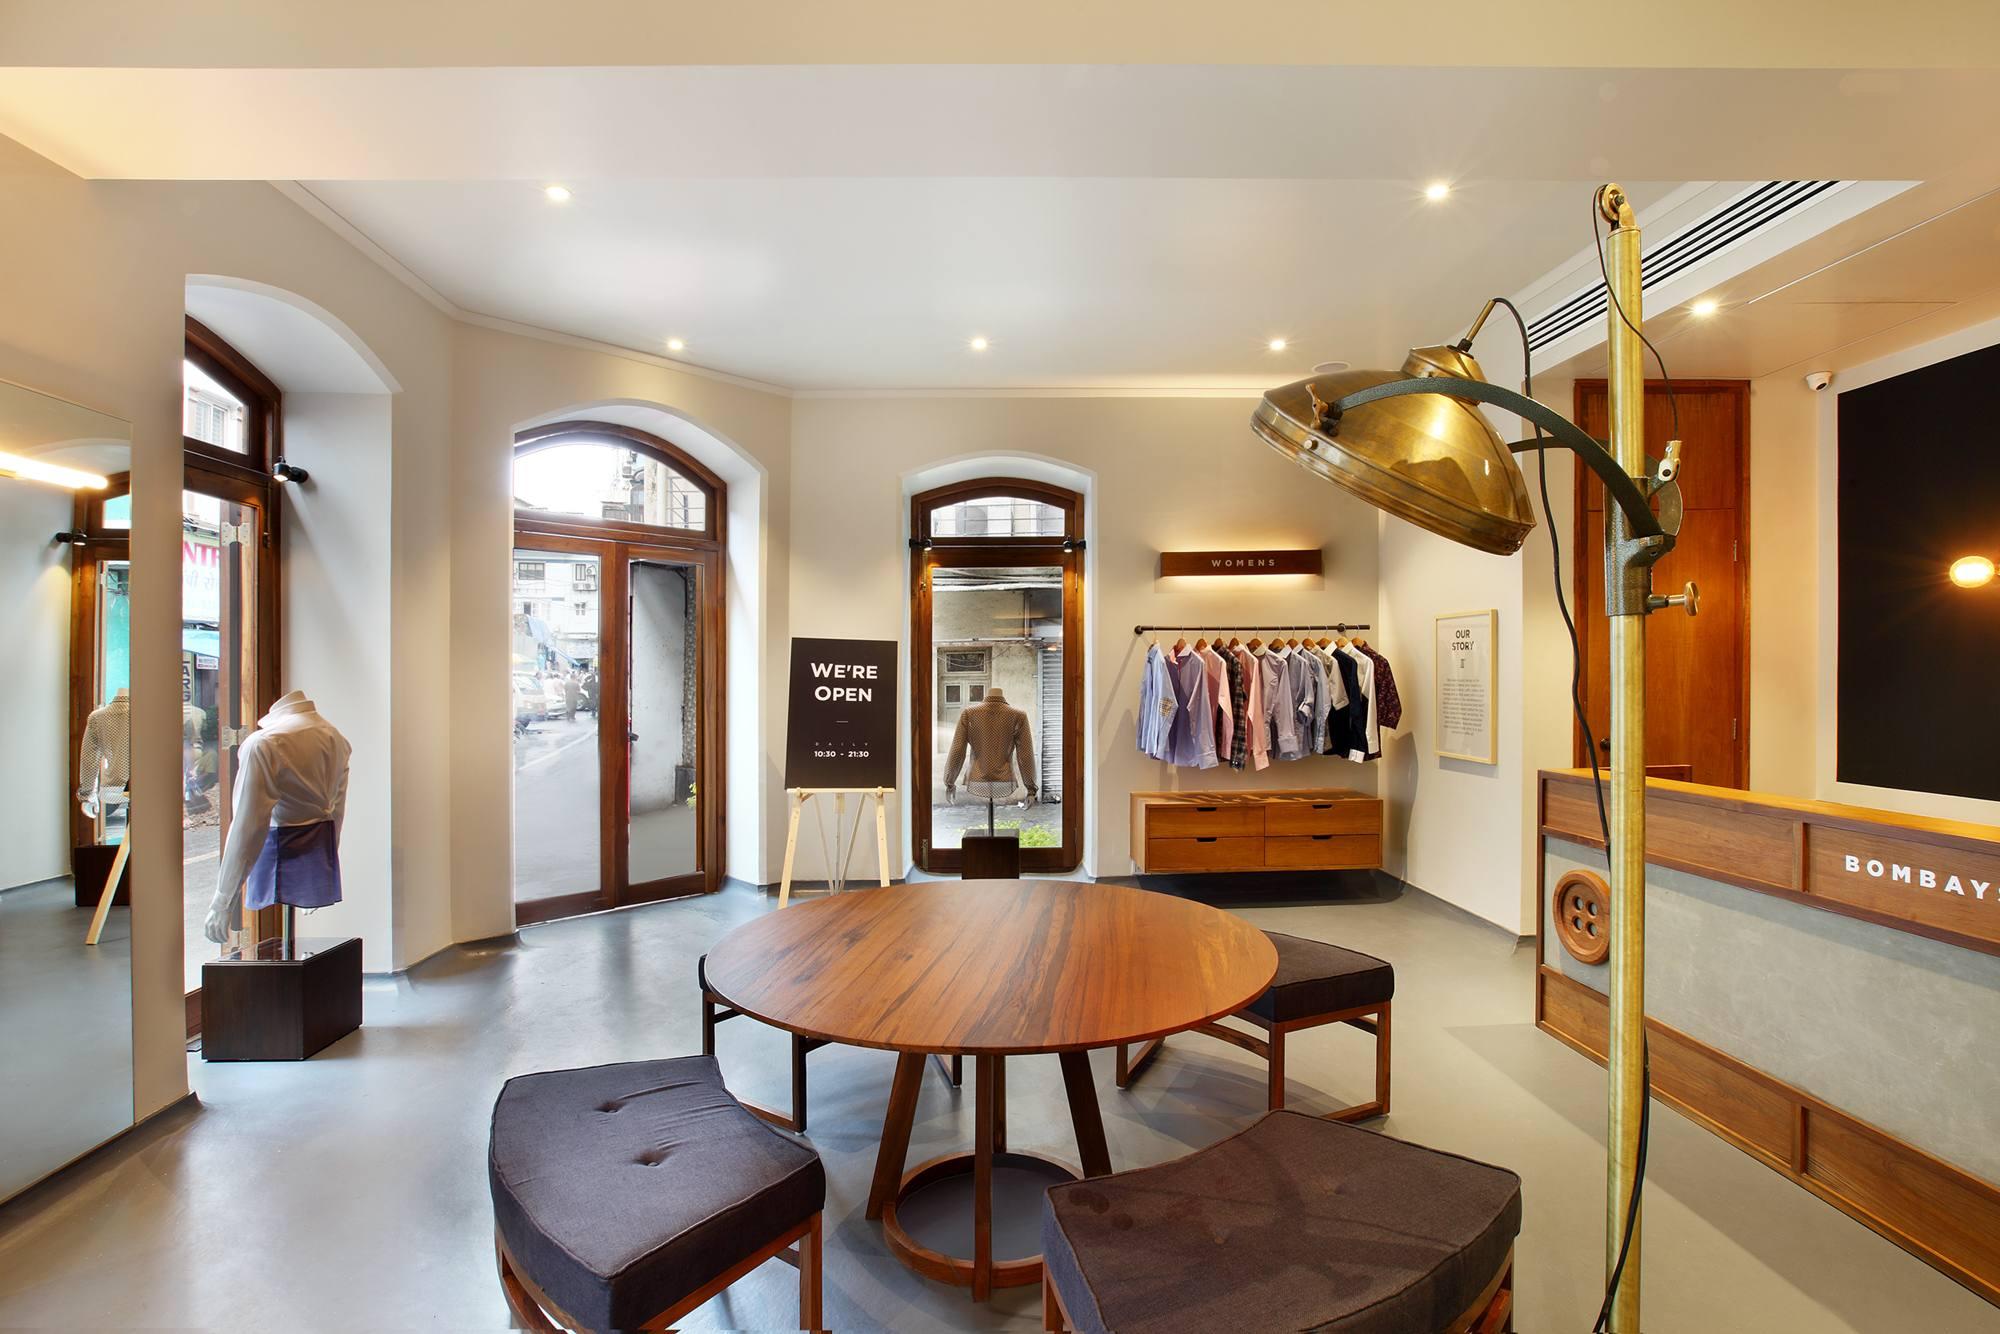 Bombay Shirt Company Store -3.jpg